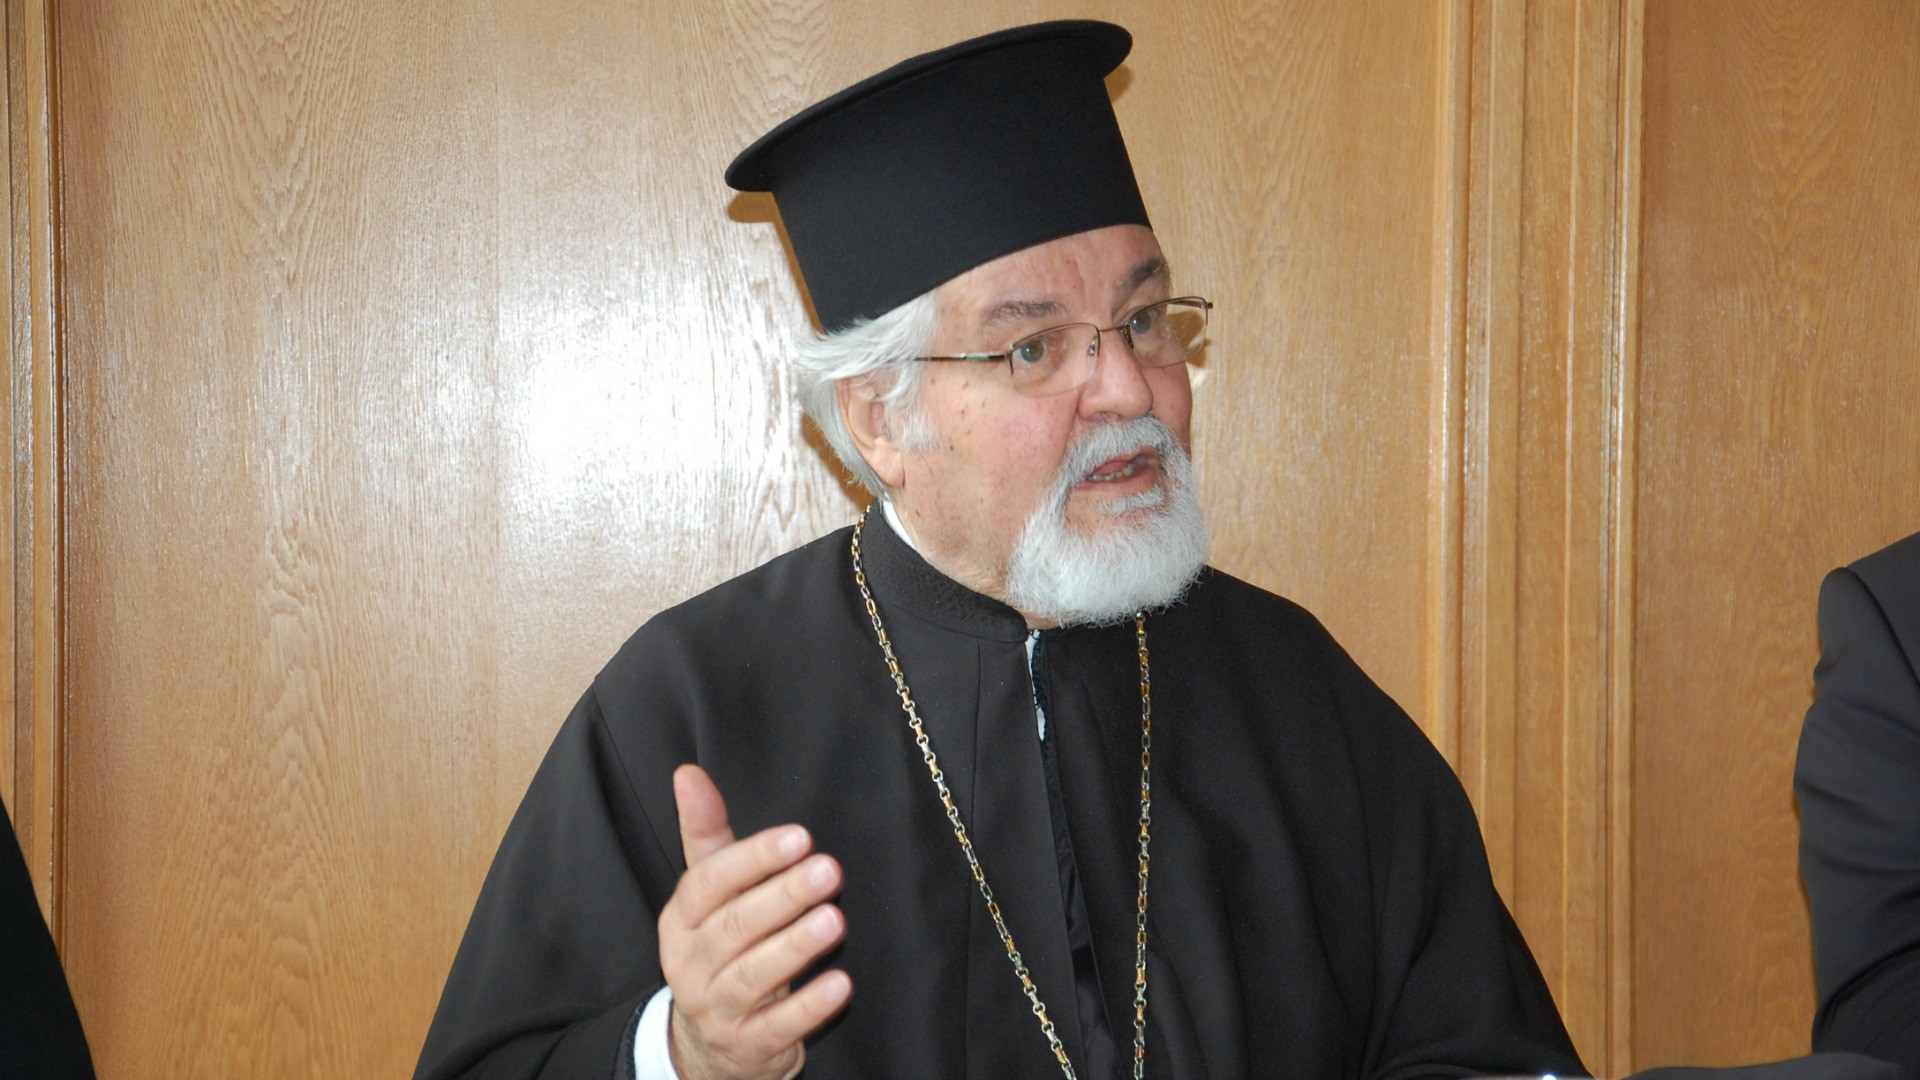 Métropolite Jérémie, directeur du Centre orthodoxe de Chambésy, à Genève  (Photo: Jacques Berset)